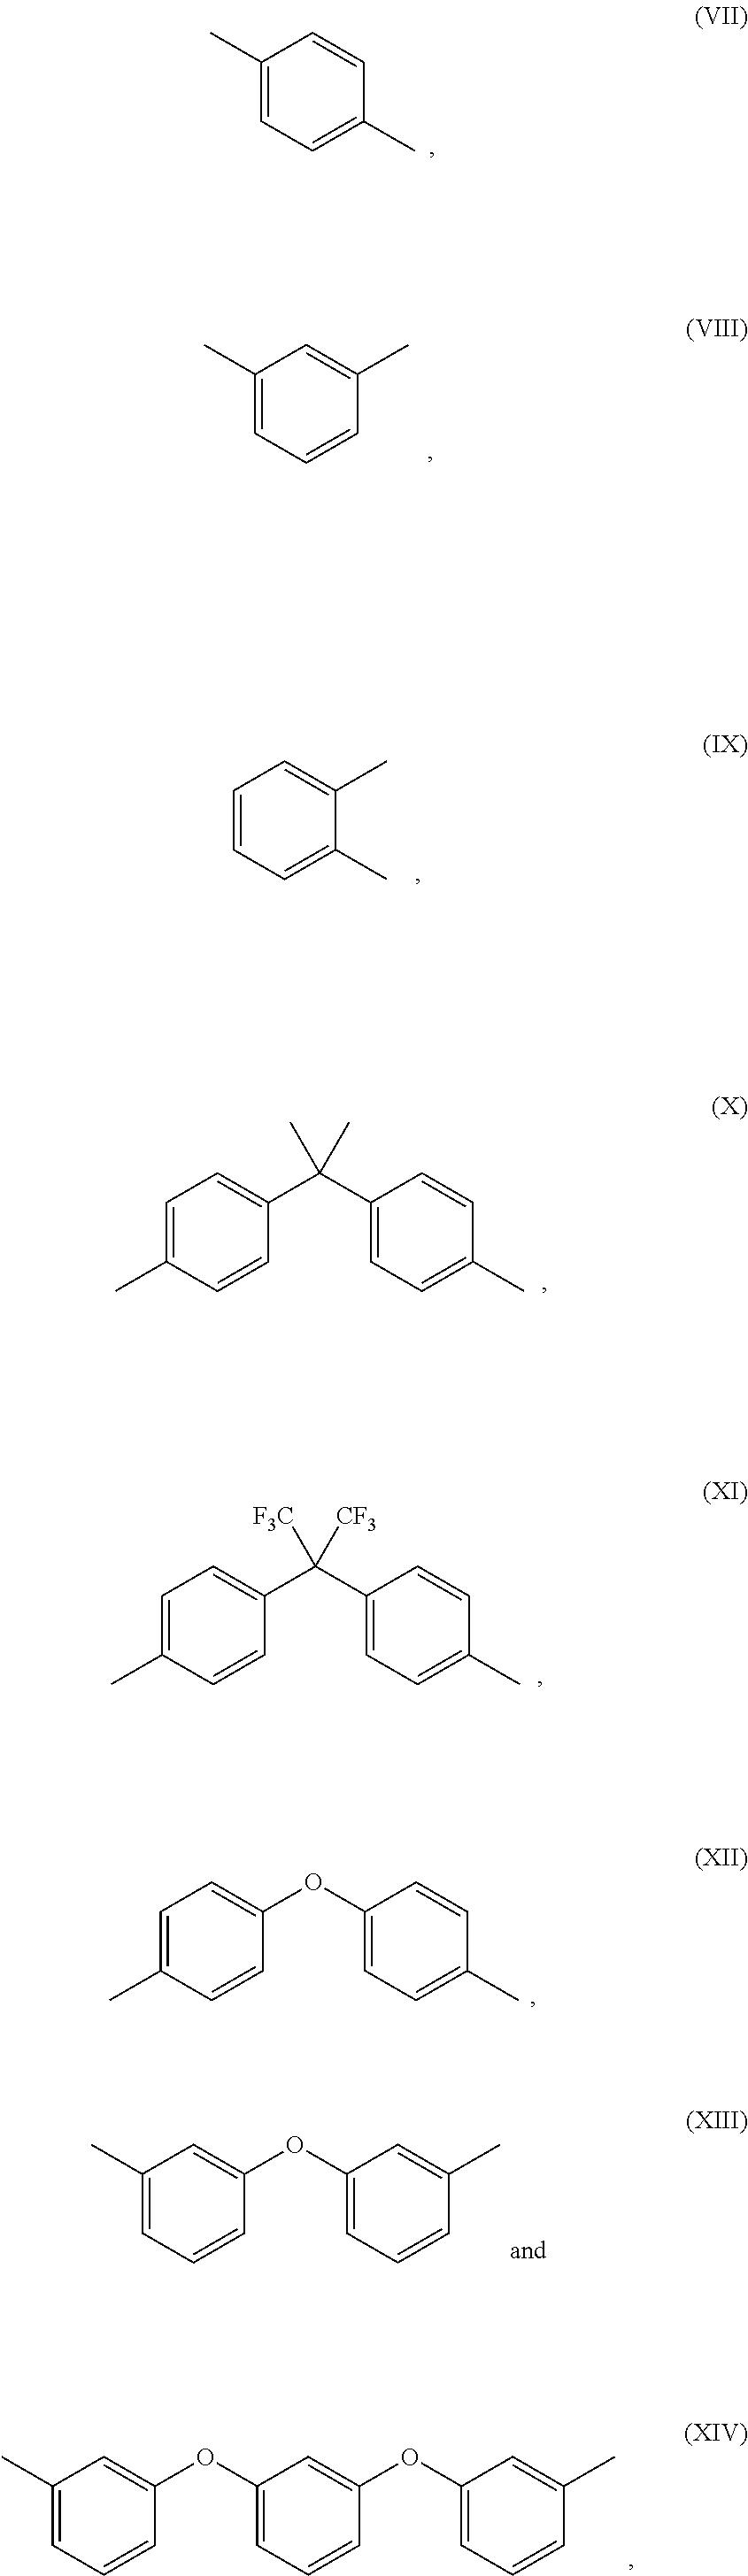 Figure US20110128840A1-20110602-C00003